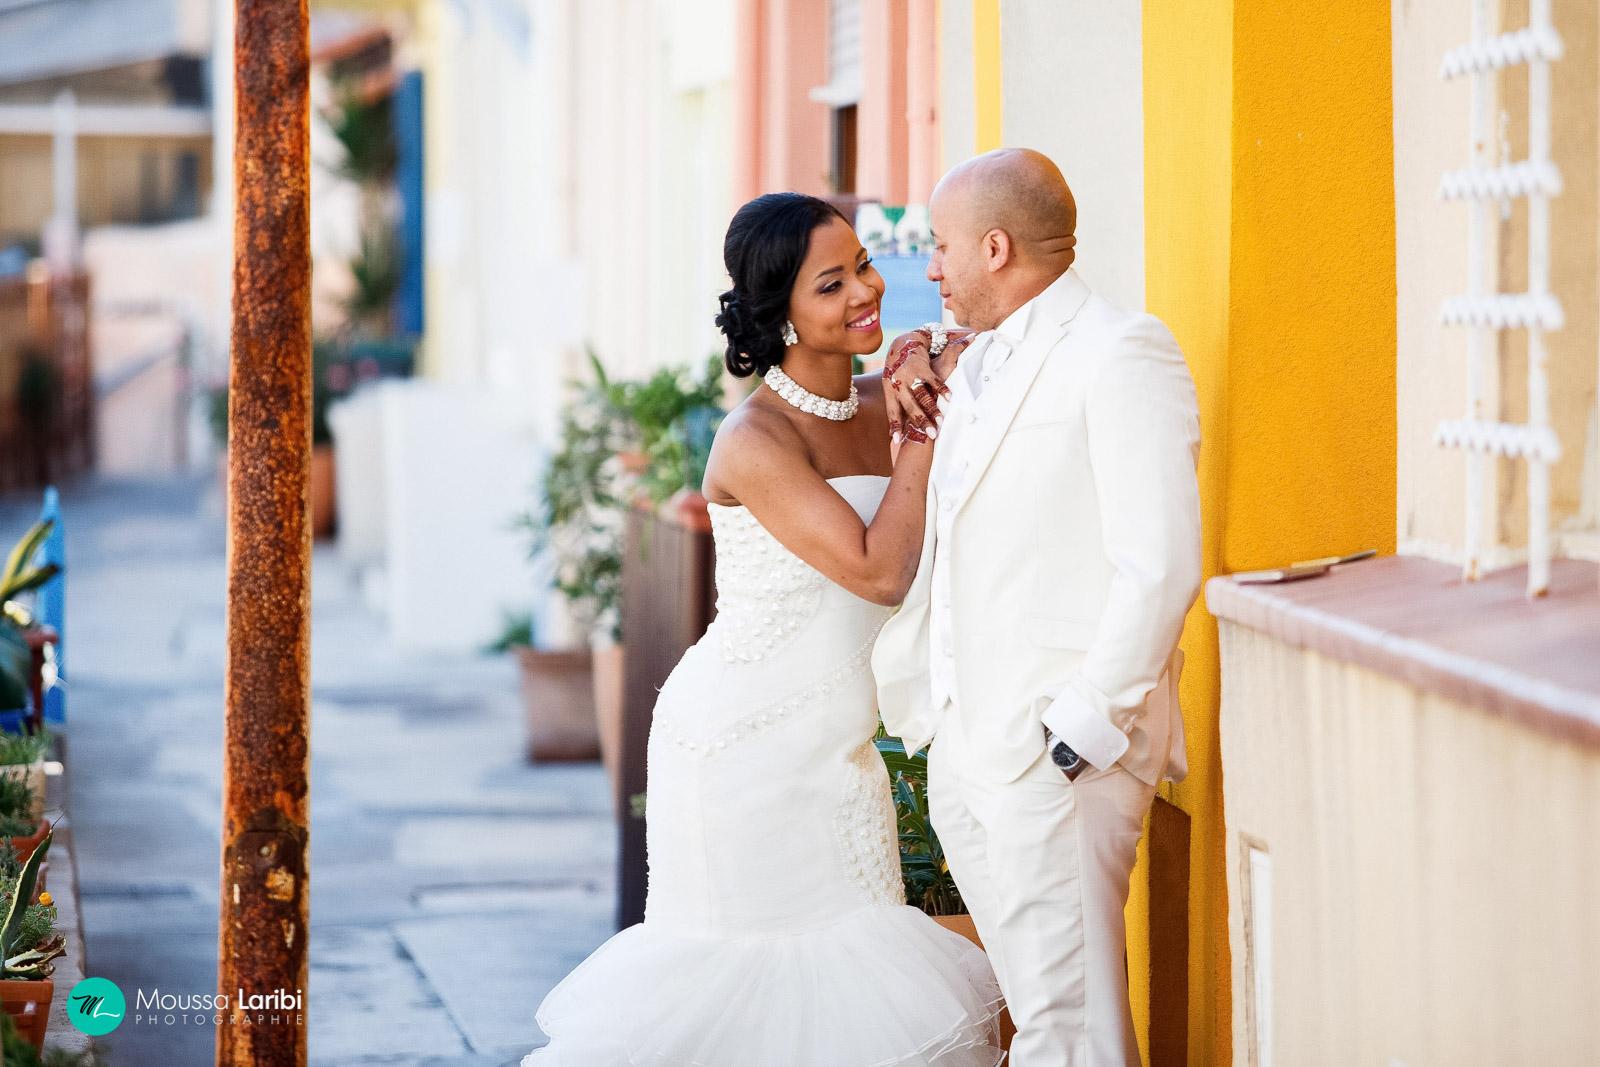 Photographe mariage- Moussa Laribi